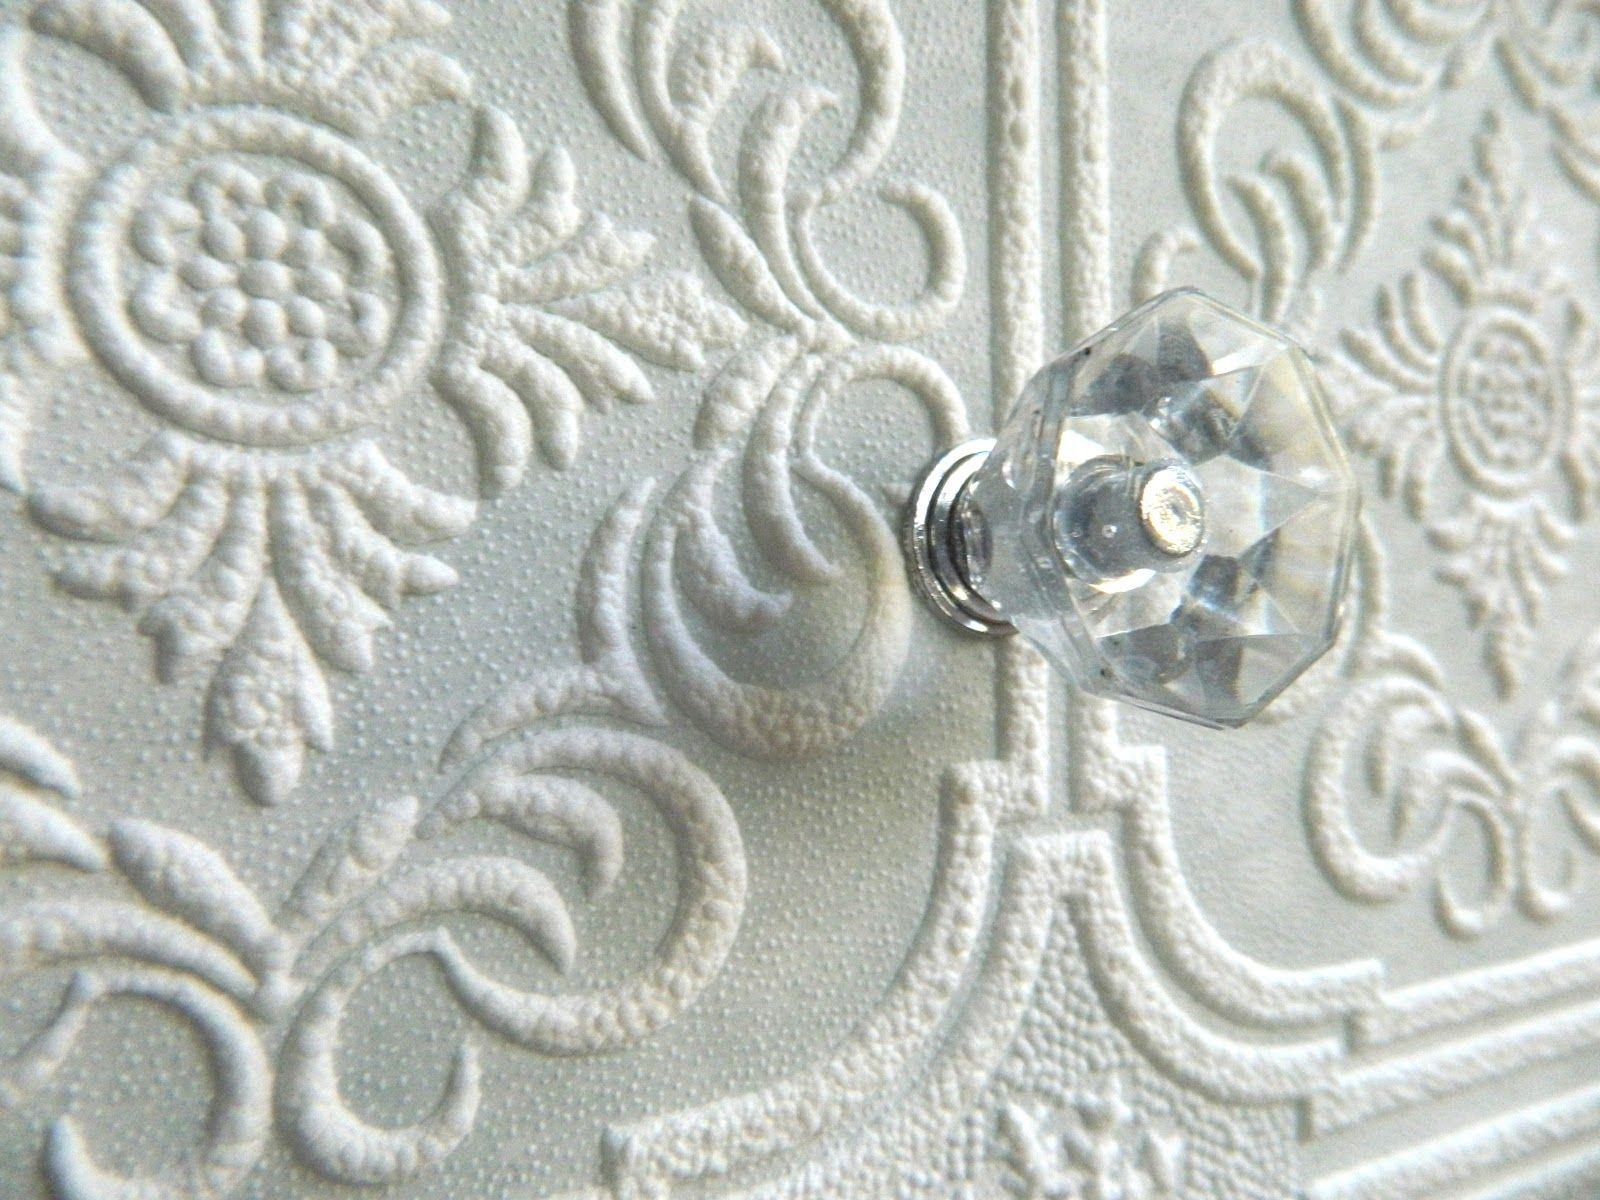 Paintable Wallpaper   Http://whatstrendingonline.com/paintable Wallpaper/